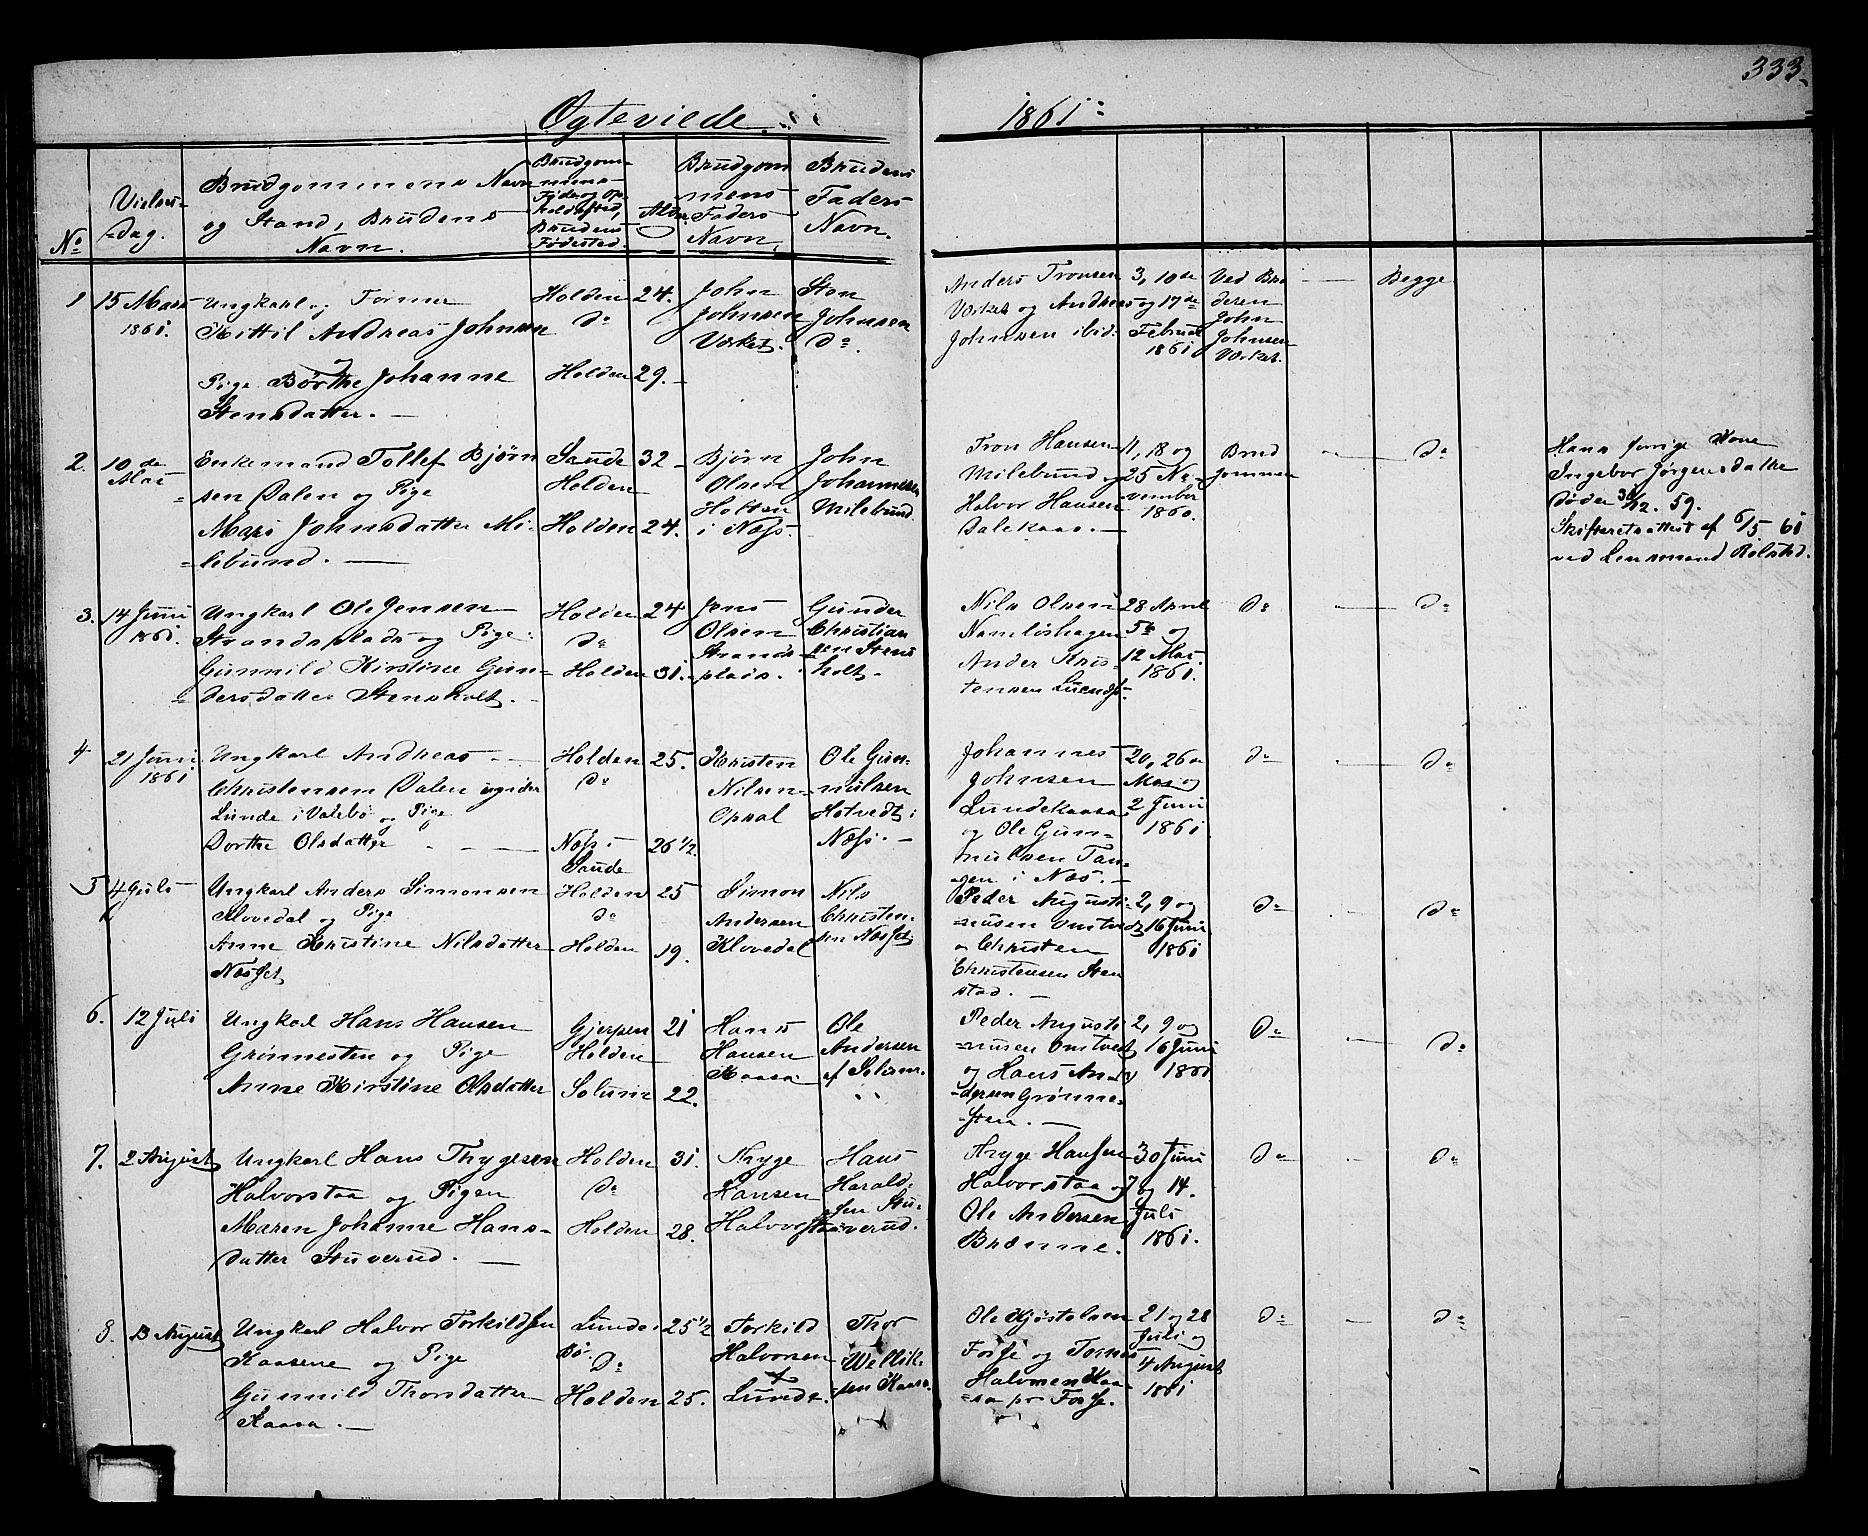 SAKO, Holla kirkebøker, G/Ga/L0003: Klokkerbok nr. I 3, 1849-1866, s. 333